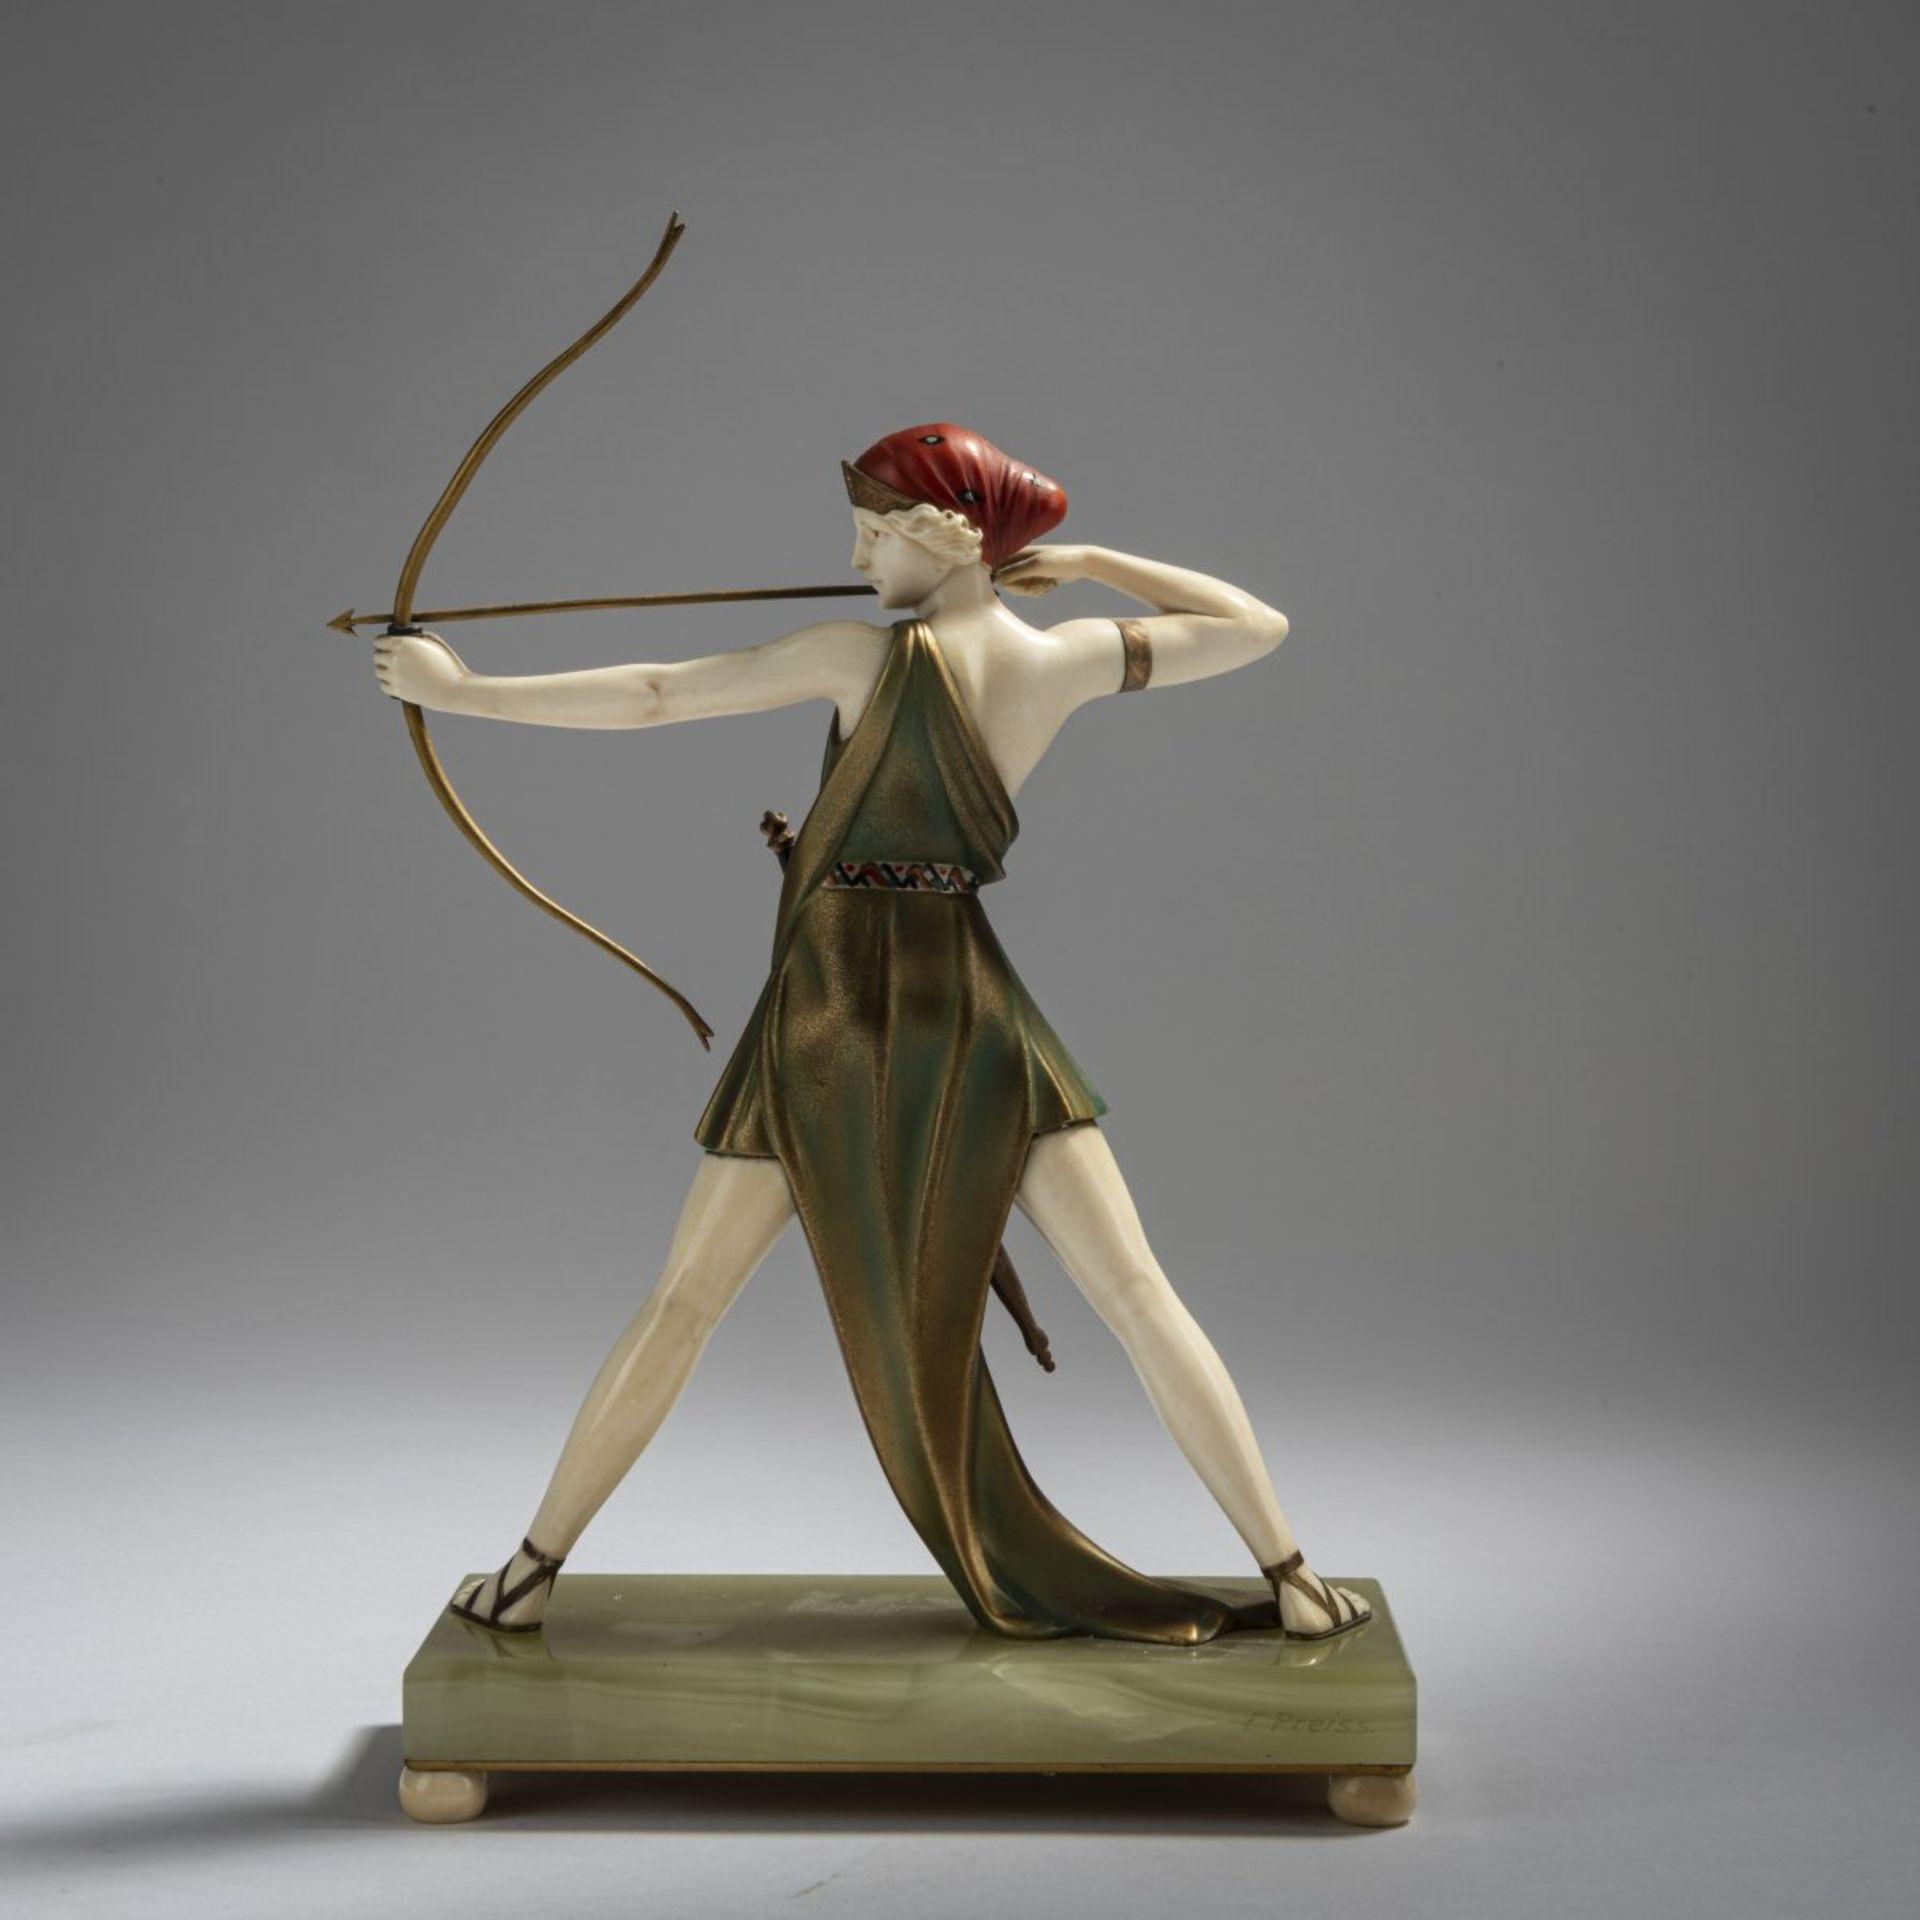 Ferdinand Preiss, 'Diana', um 1928 - Bild 2 aus 8